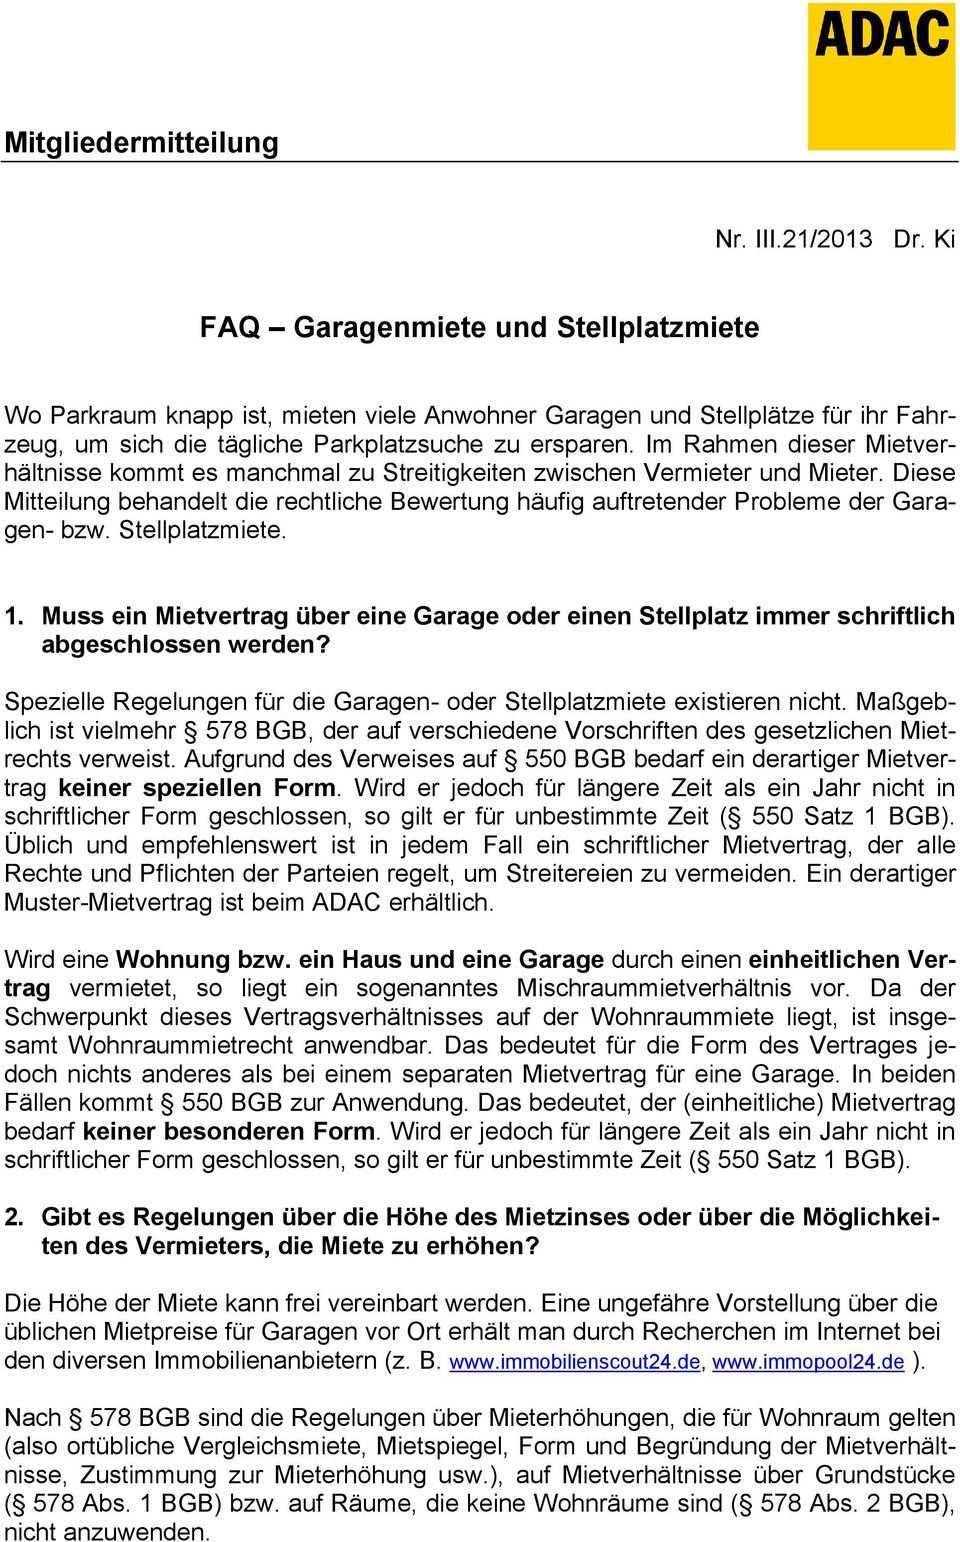 Faq Garagenmiete Und Stellplatzmiete Pdf Free Download